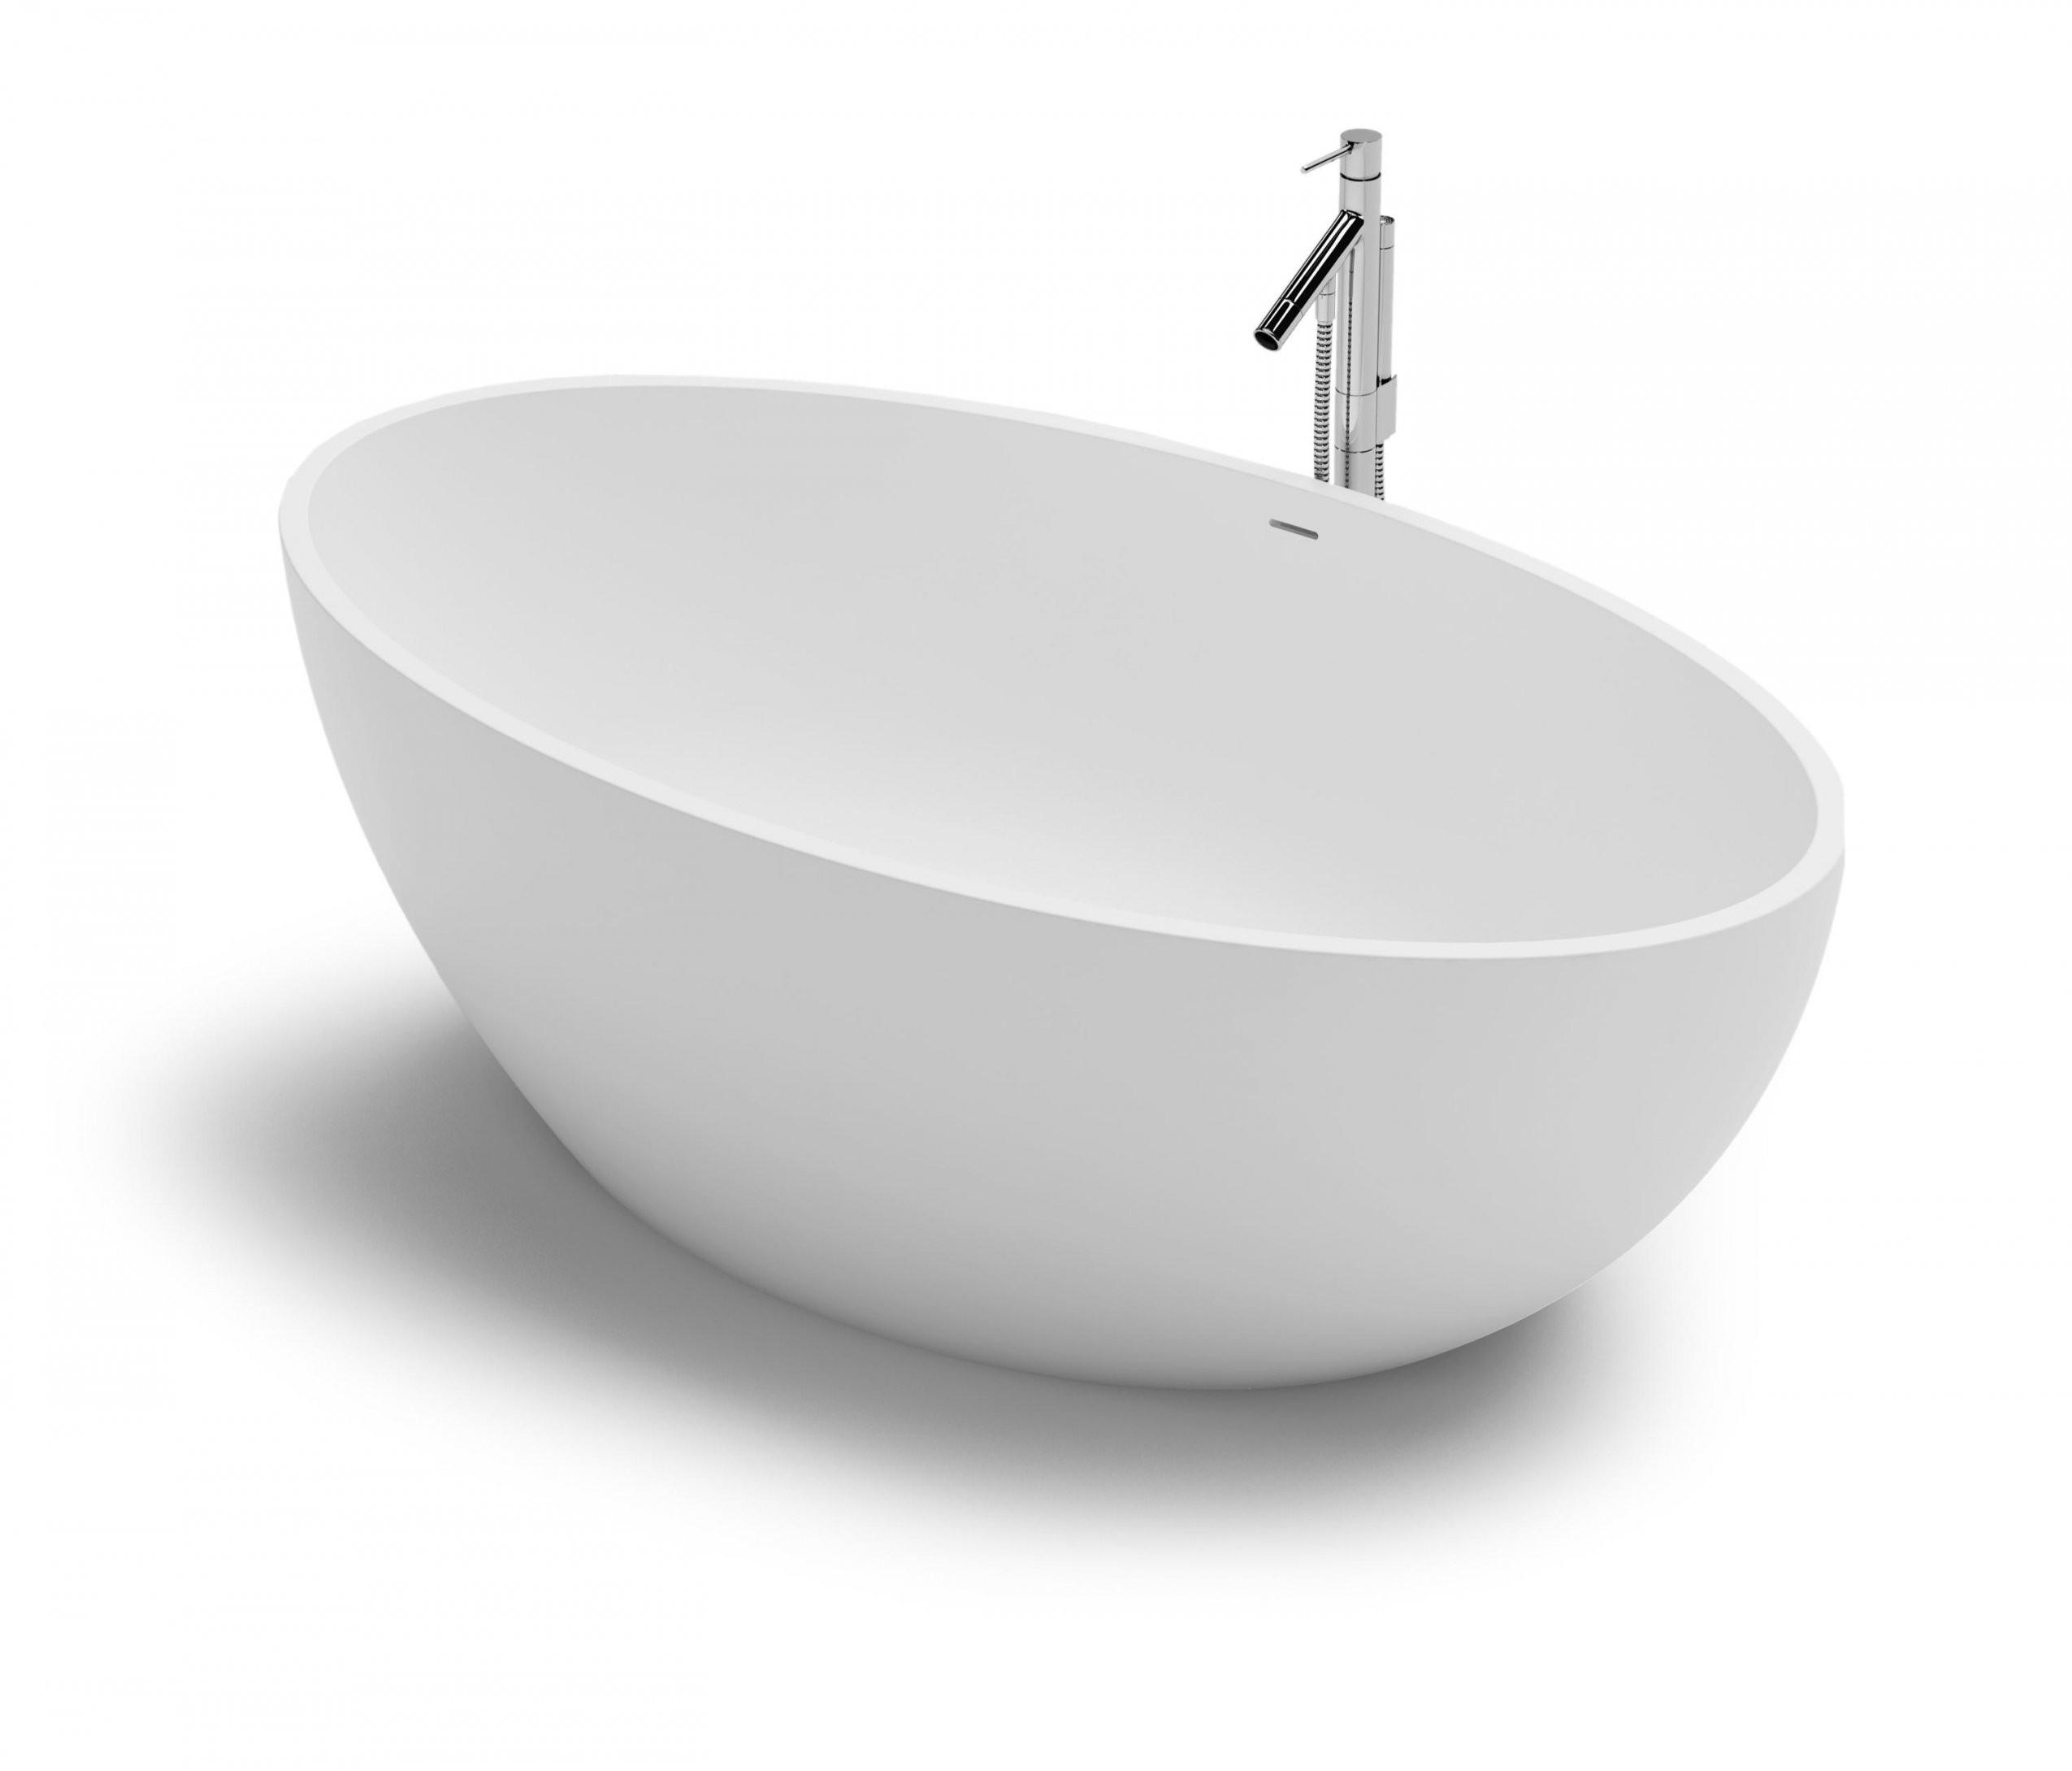 Badewannen Freistehend  Hochwertige Designer Badewannen  Architonic von Ovale Badewannen Freistehend Bild